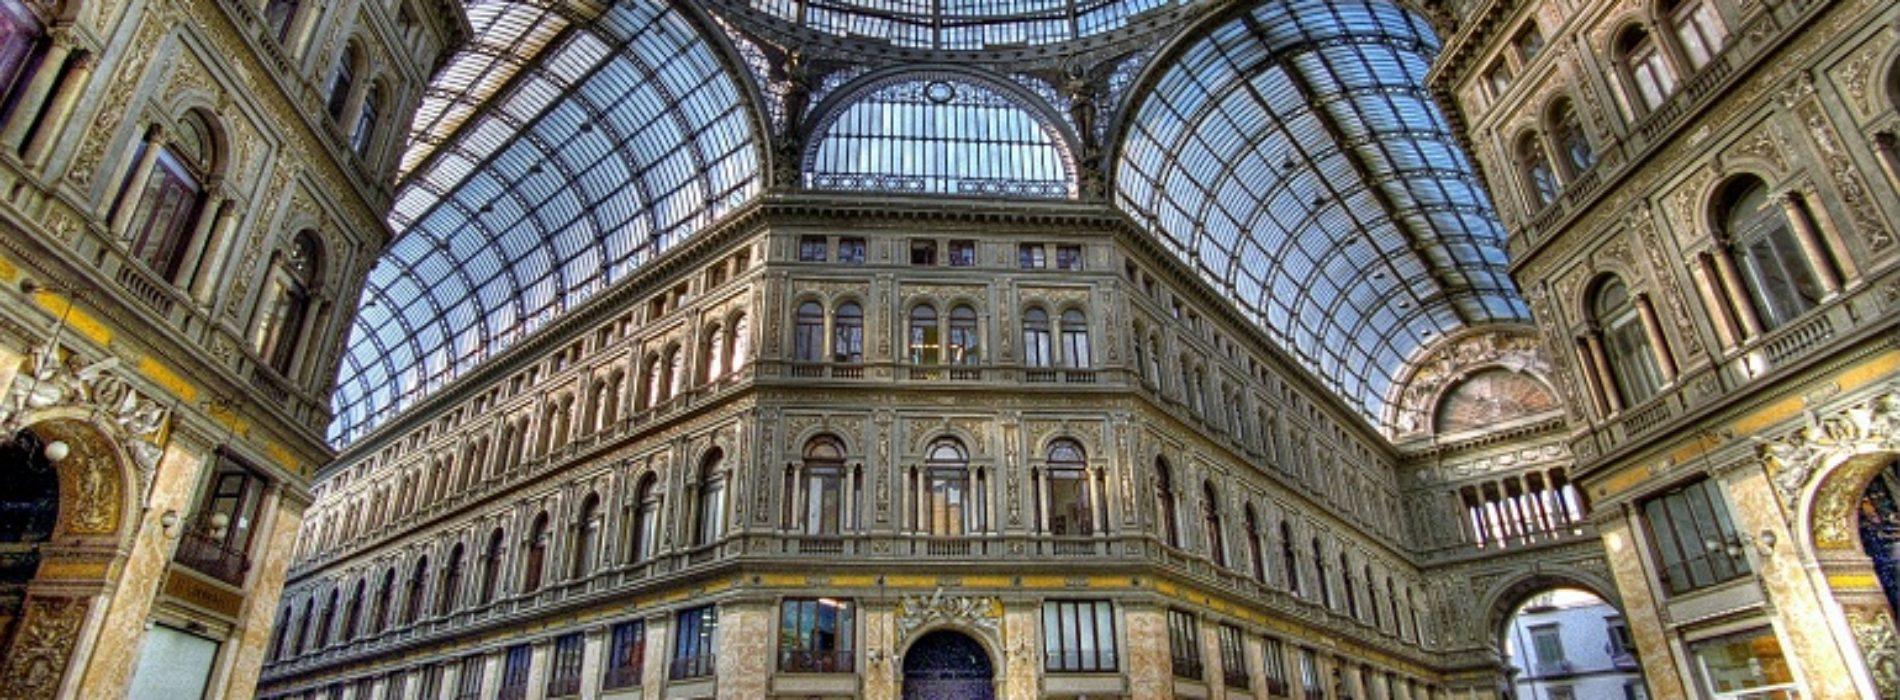 Capolavori di Napoli: la Galleria Umberto I